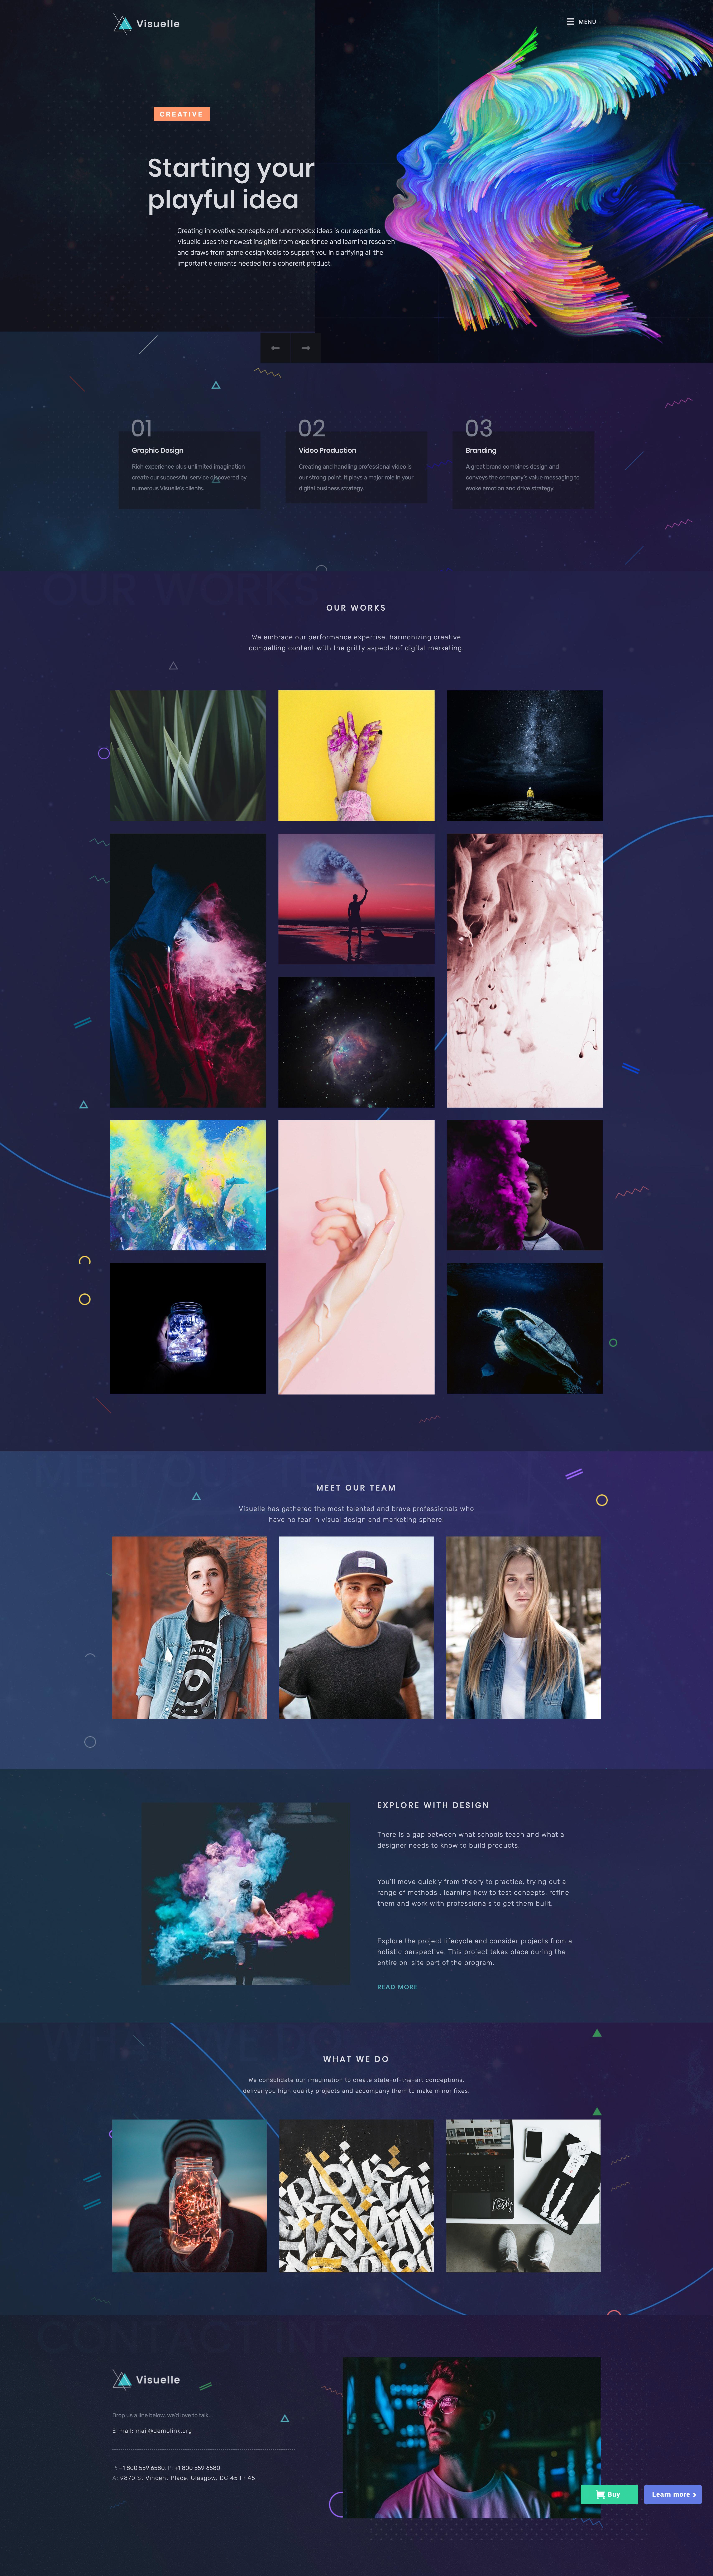 screencapture-demo-crocoblock-visuelle-2020-04-15-12_14_54